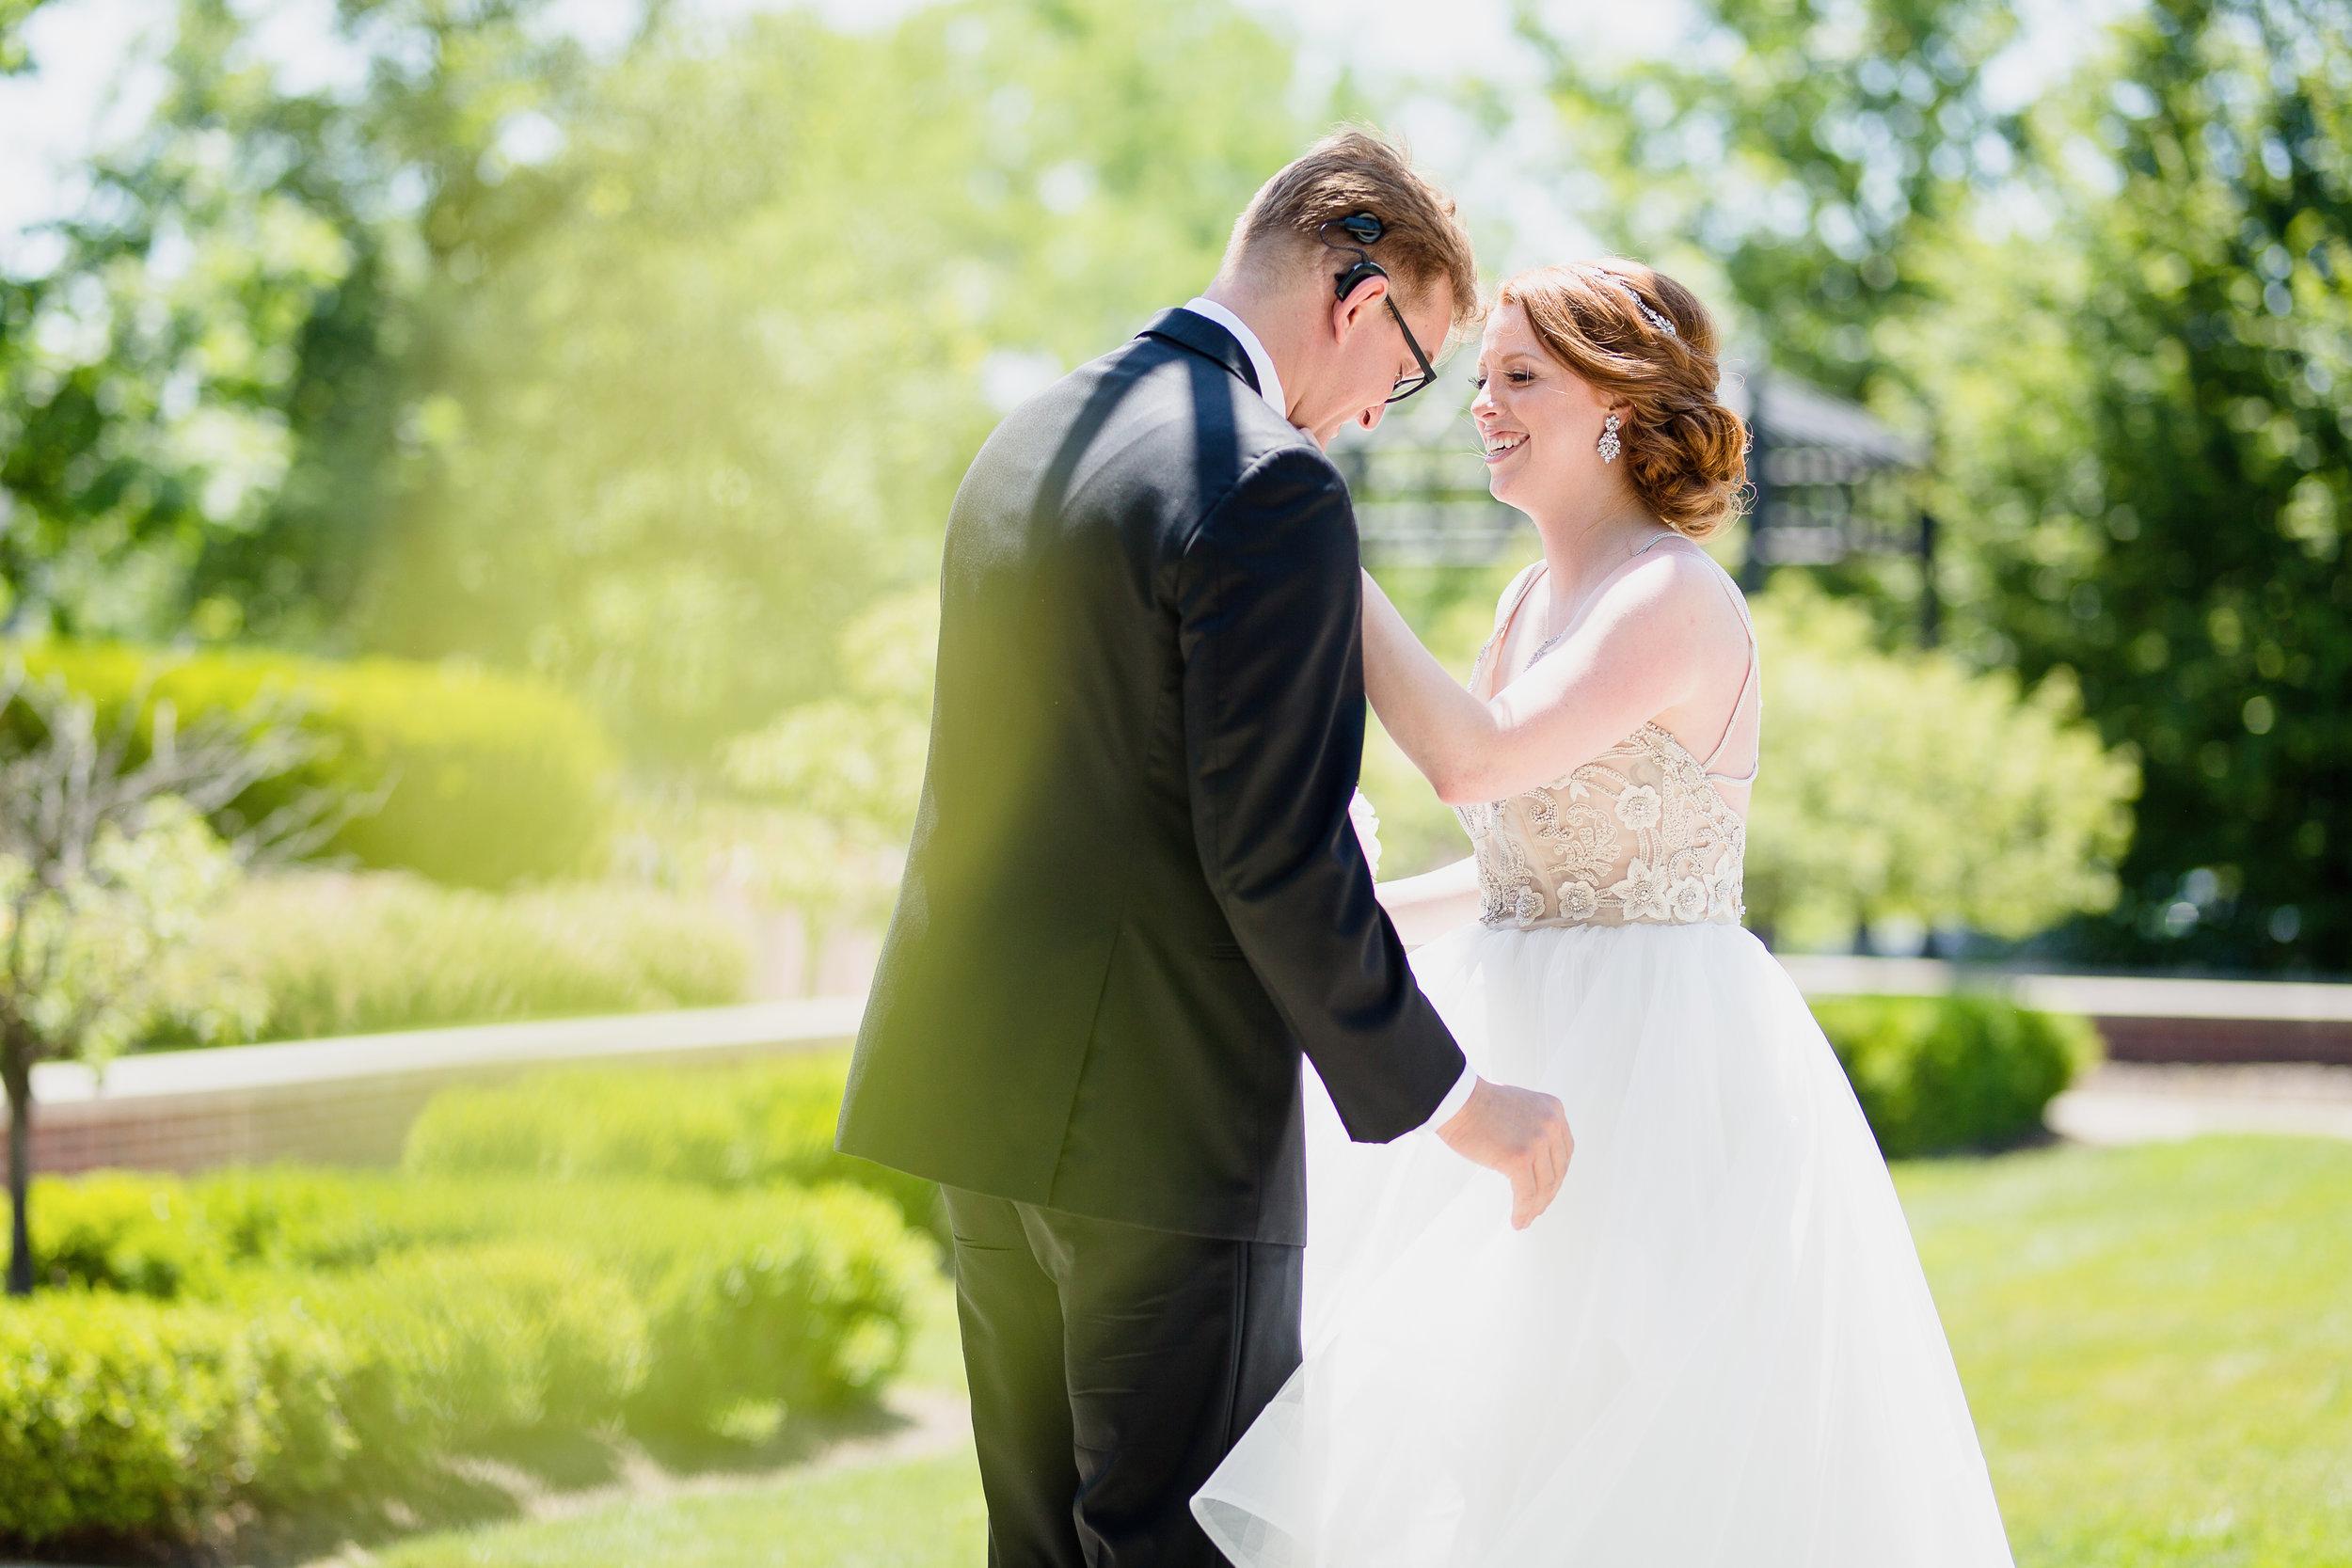 MGC-Real-Weddings-Brynne-Grayson-28.jpg